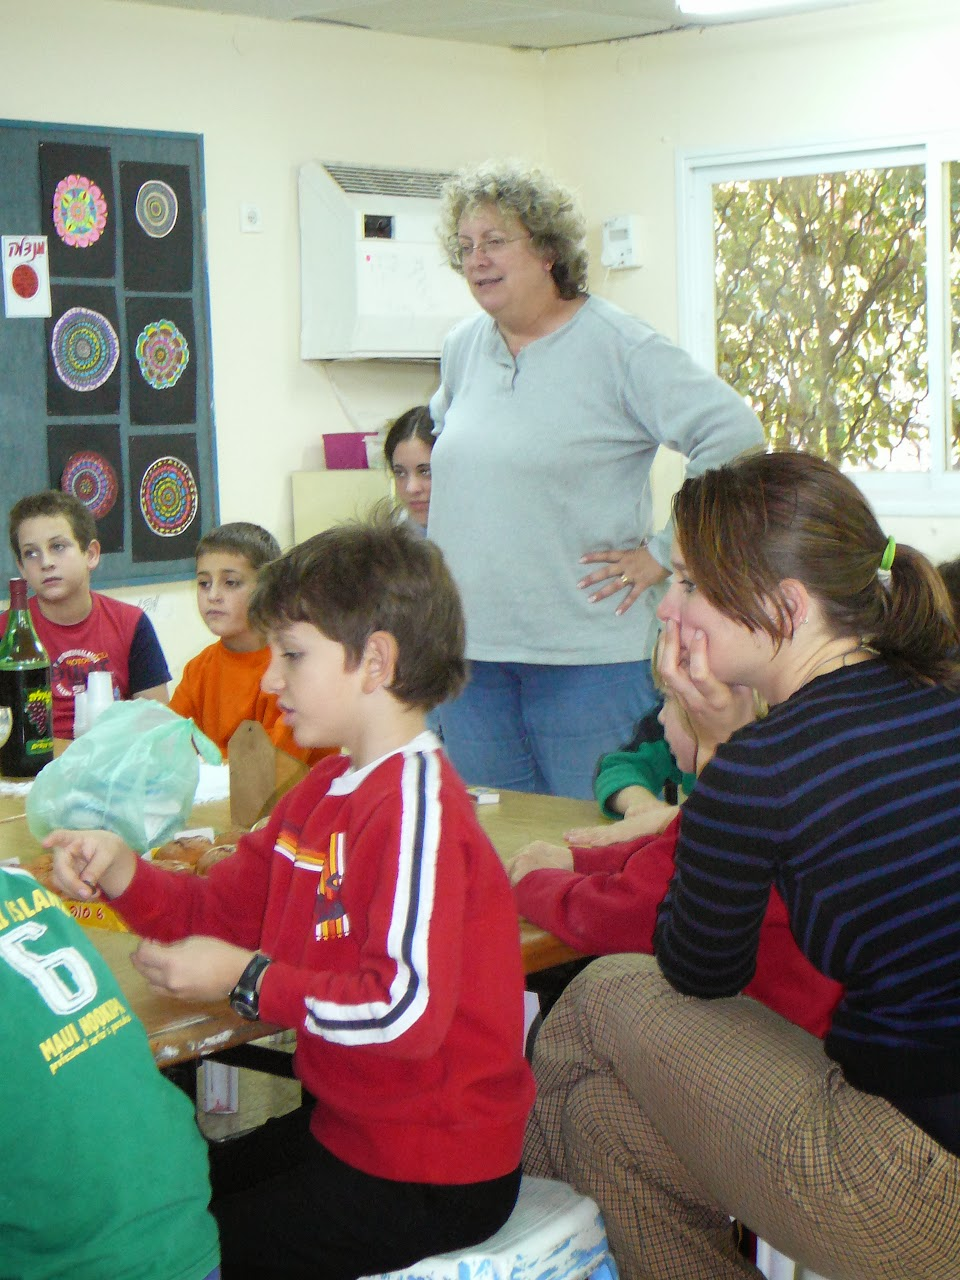 Hanukkah 2006  - 2006-12-15 06.35.05.jpg